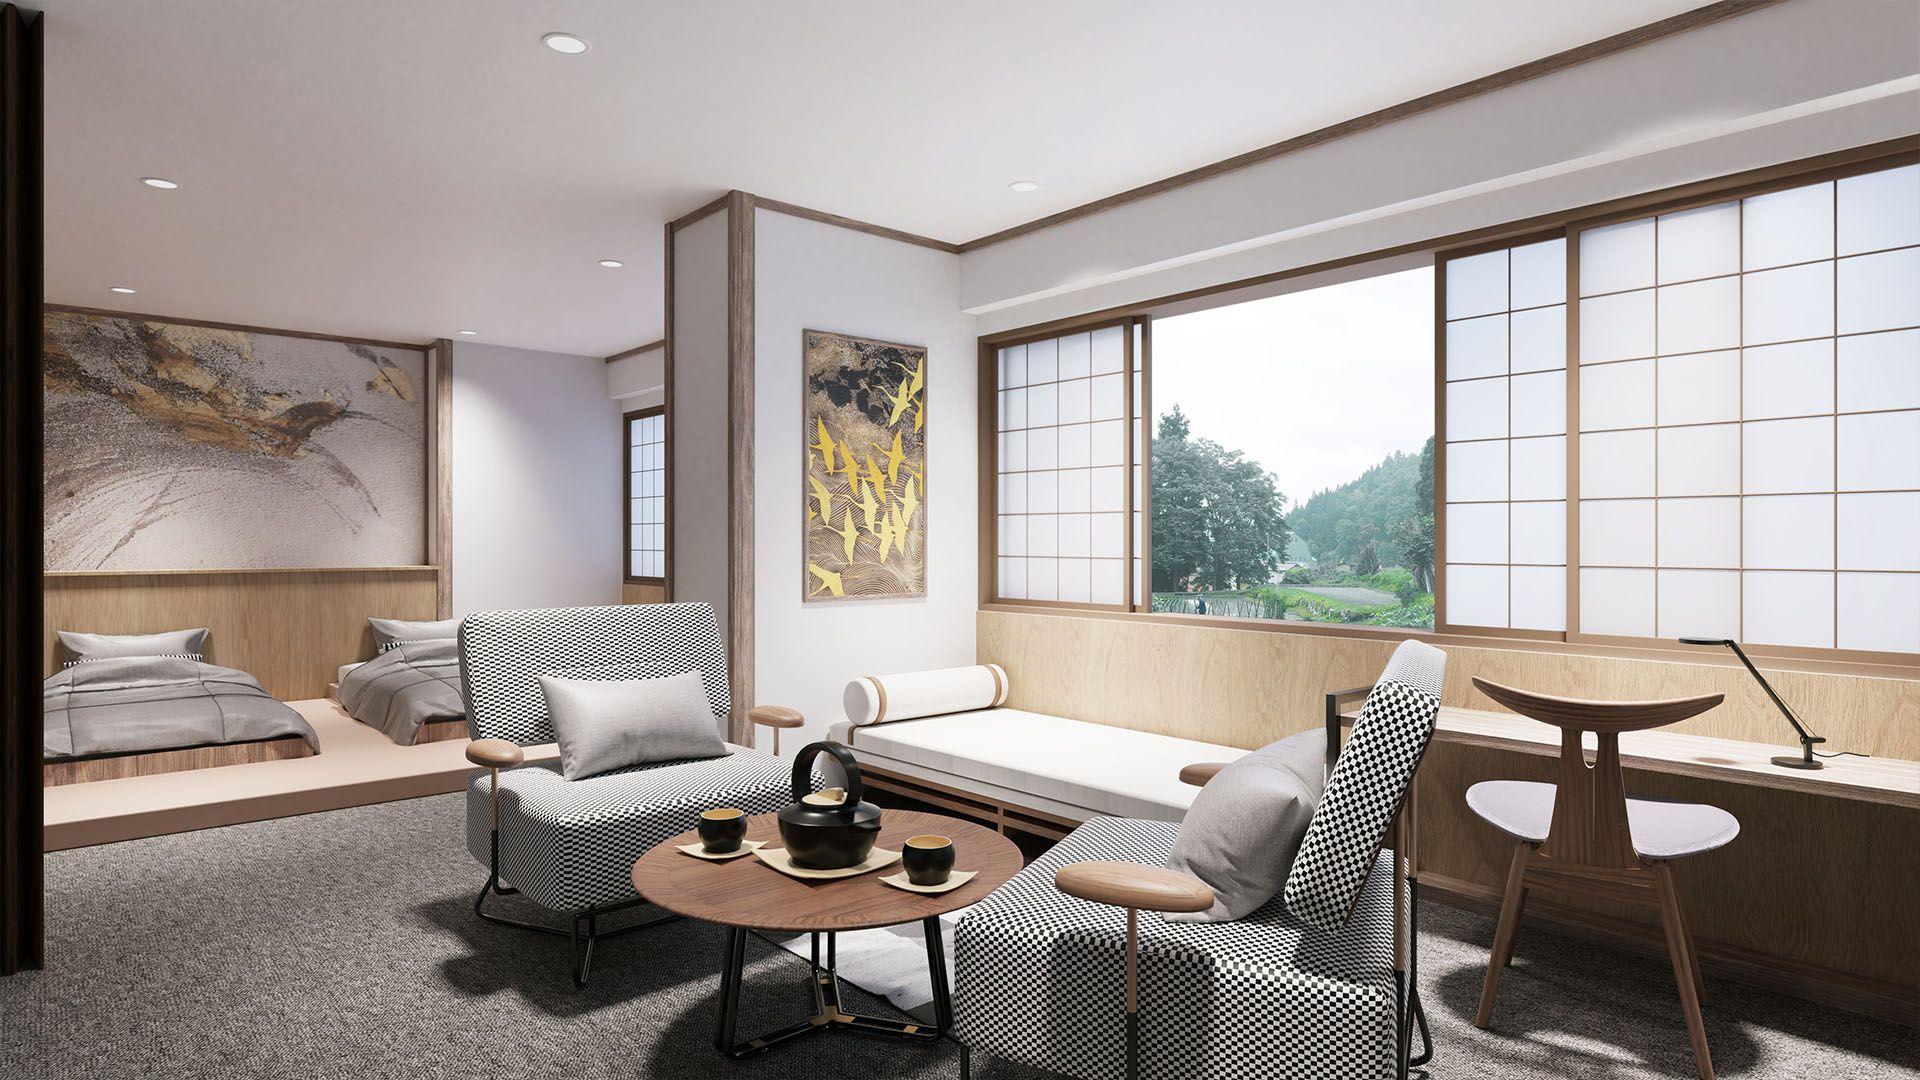 residence-yasushi-5b5154724332a_large